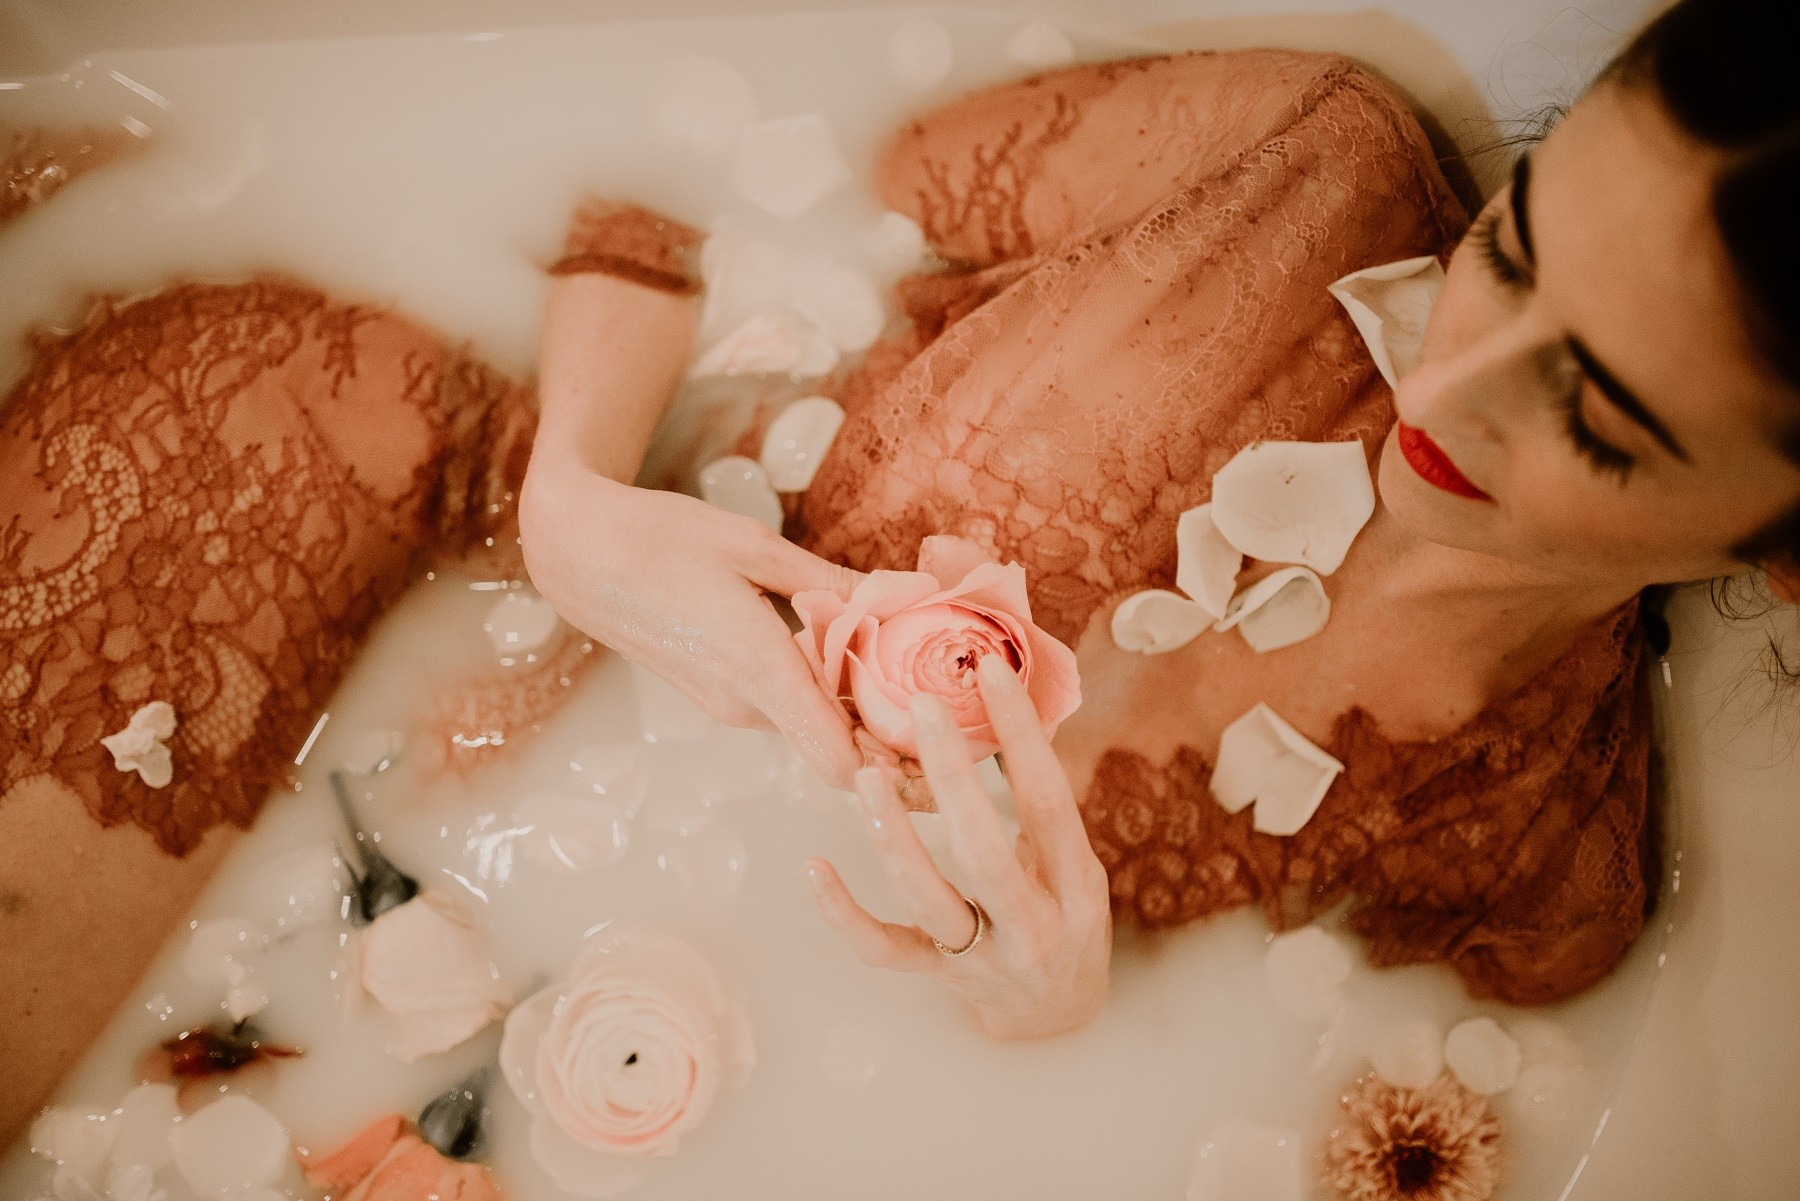 le kimono dans le bain